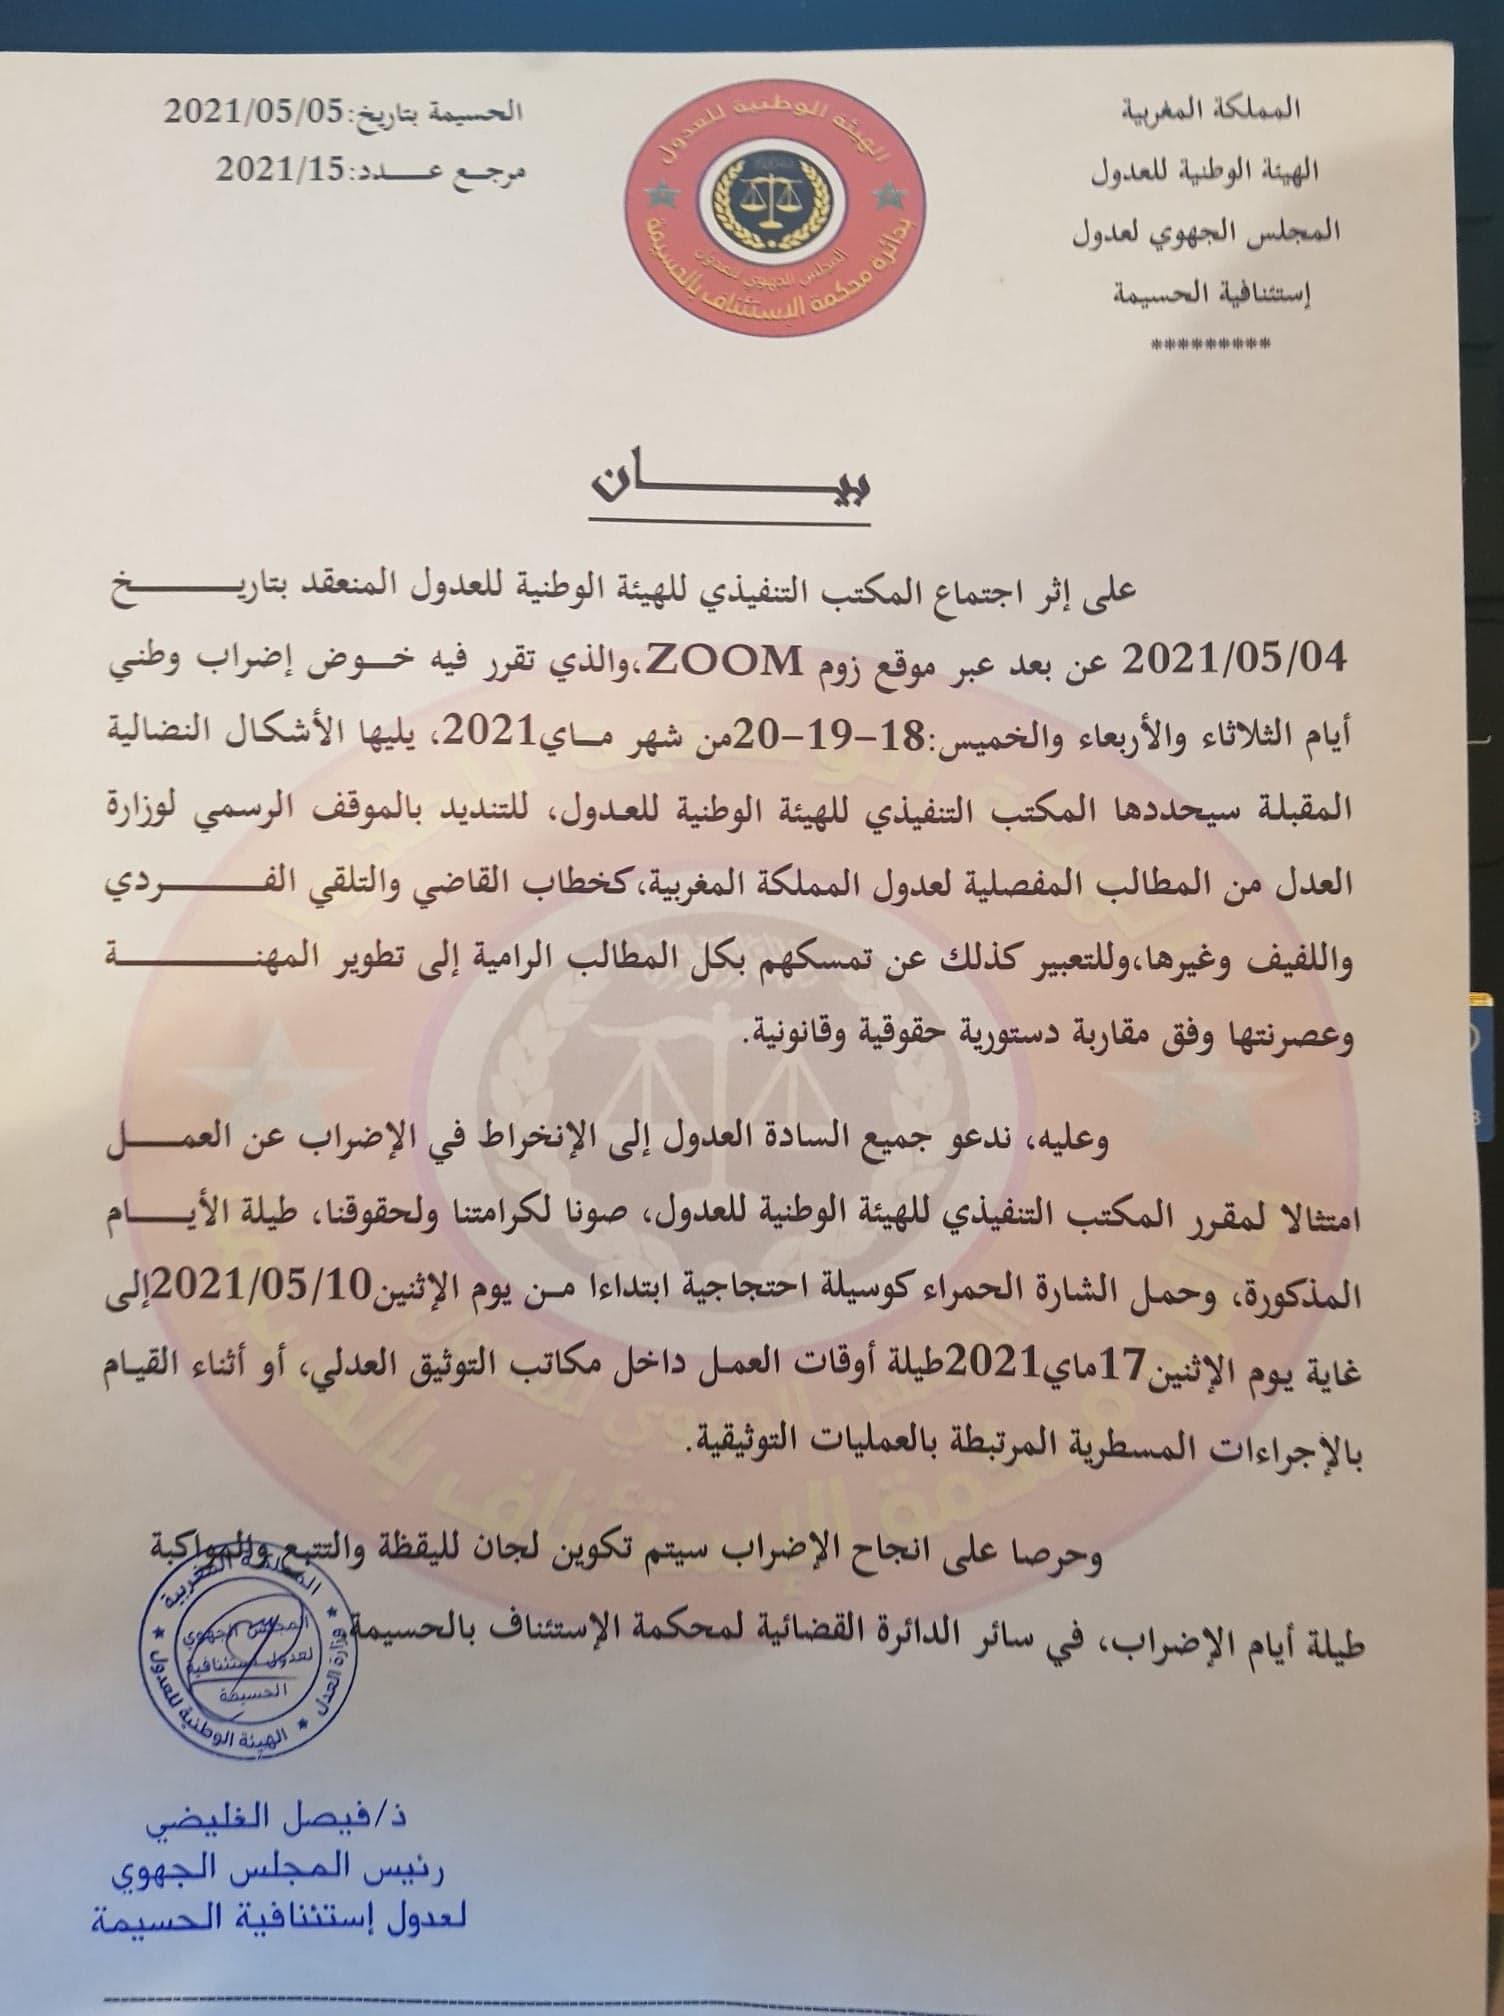 عدول استئنافية الحسيمة يصعدون ضد وزارة العدل